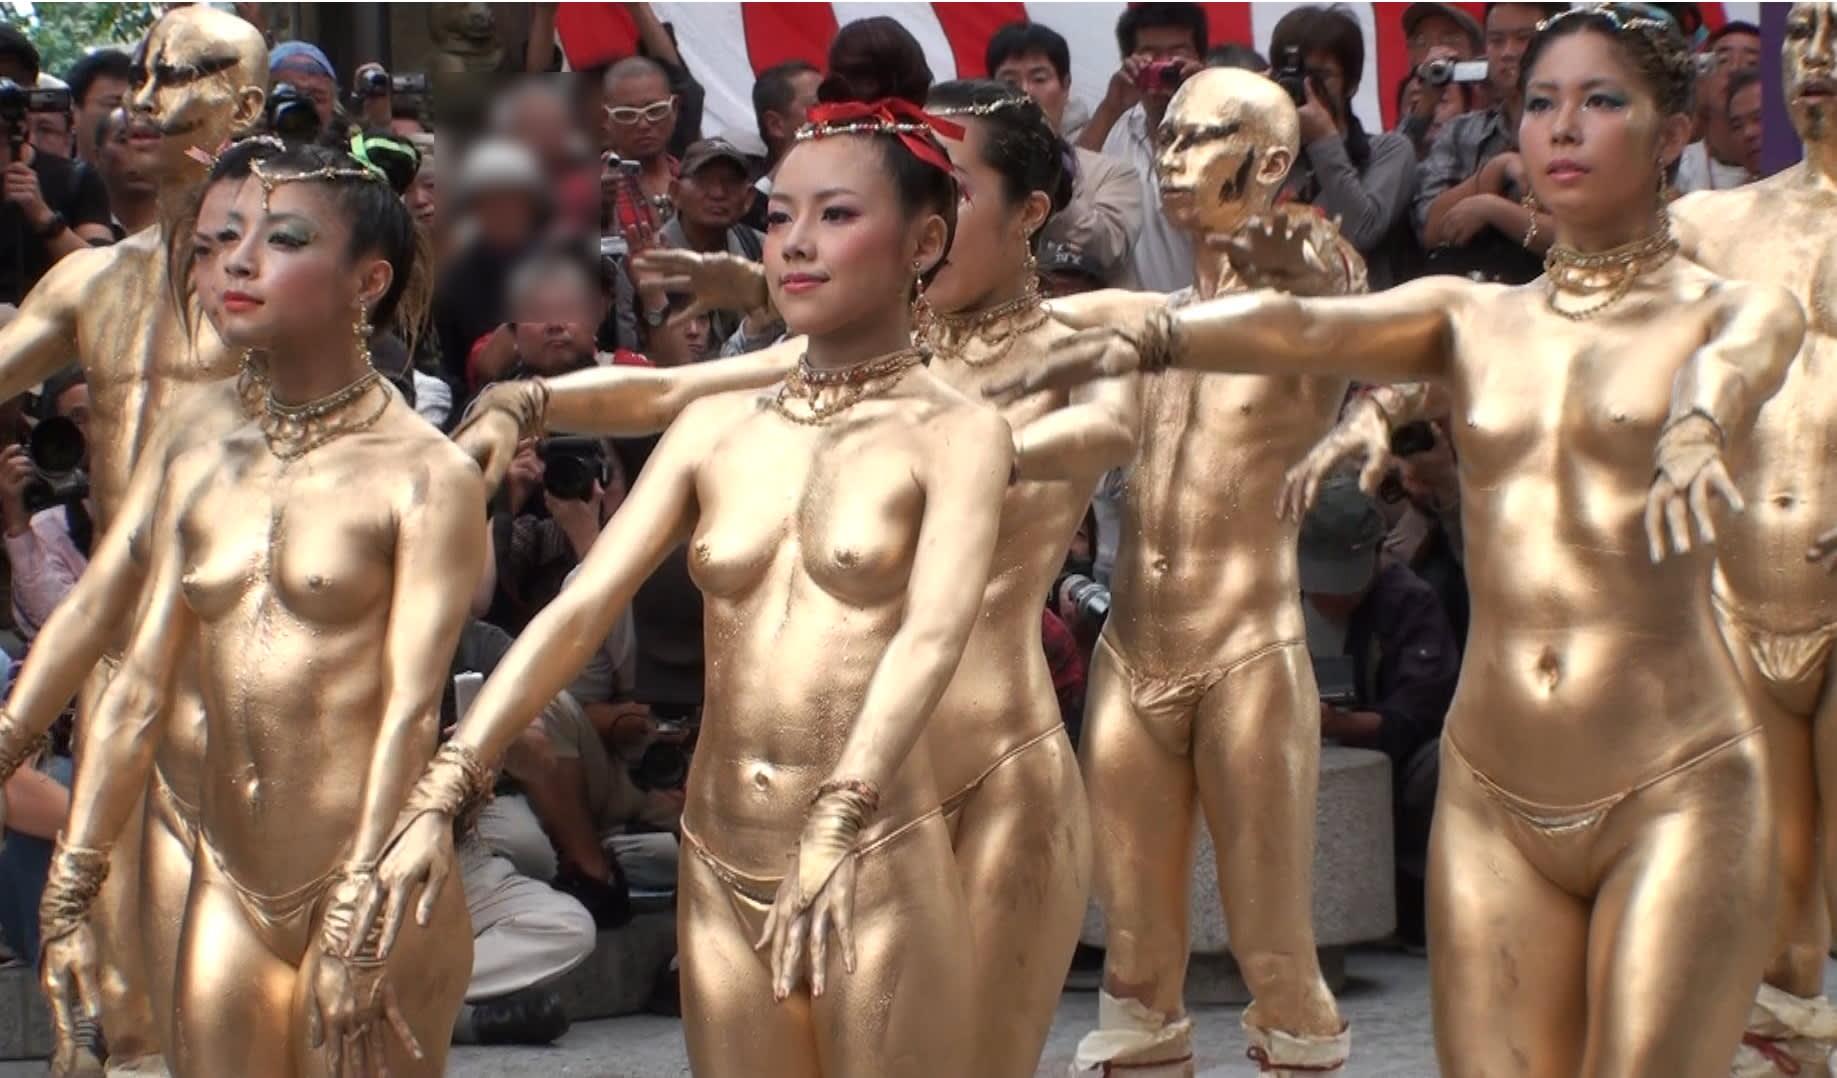 金粉ショー 盗撮 金粉ショー @ 大須大道町人祭 Oct 14 2012 #93